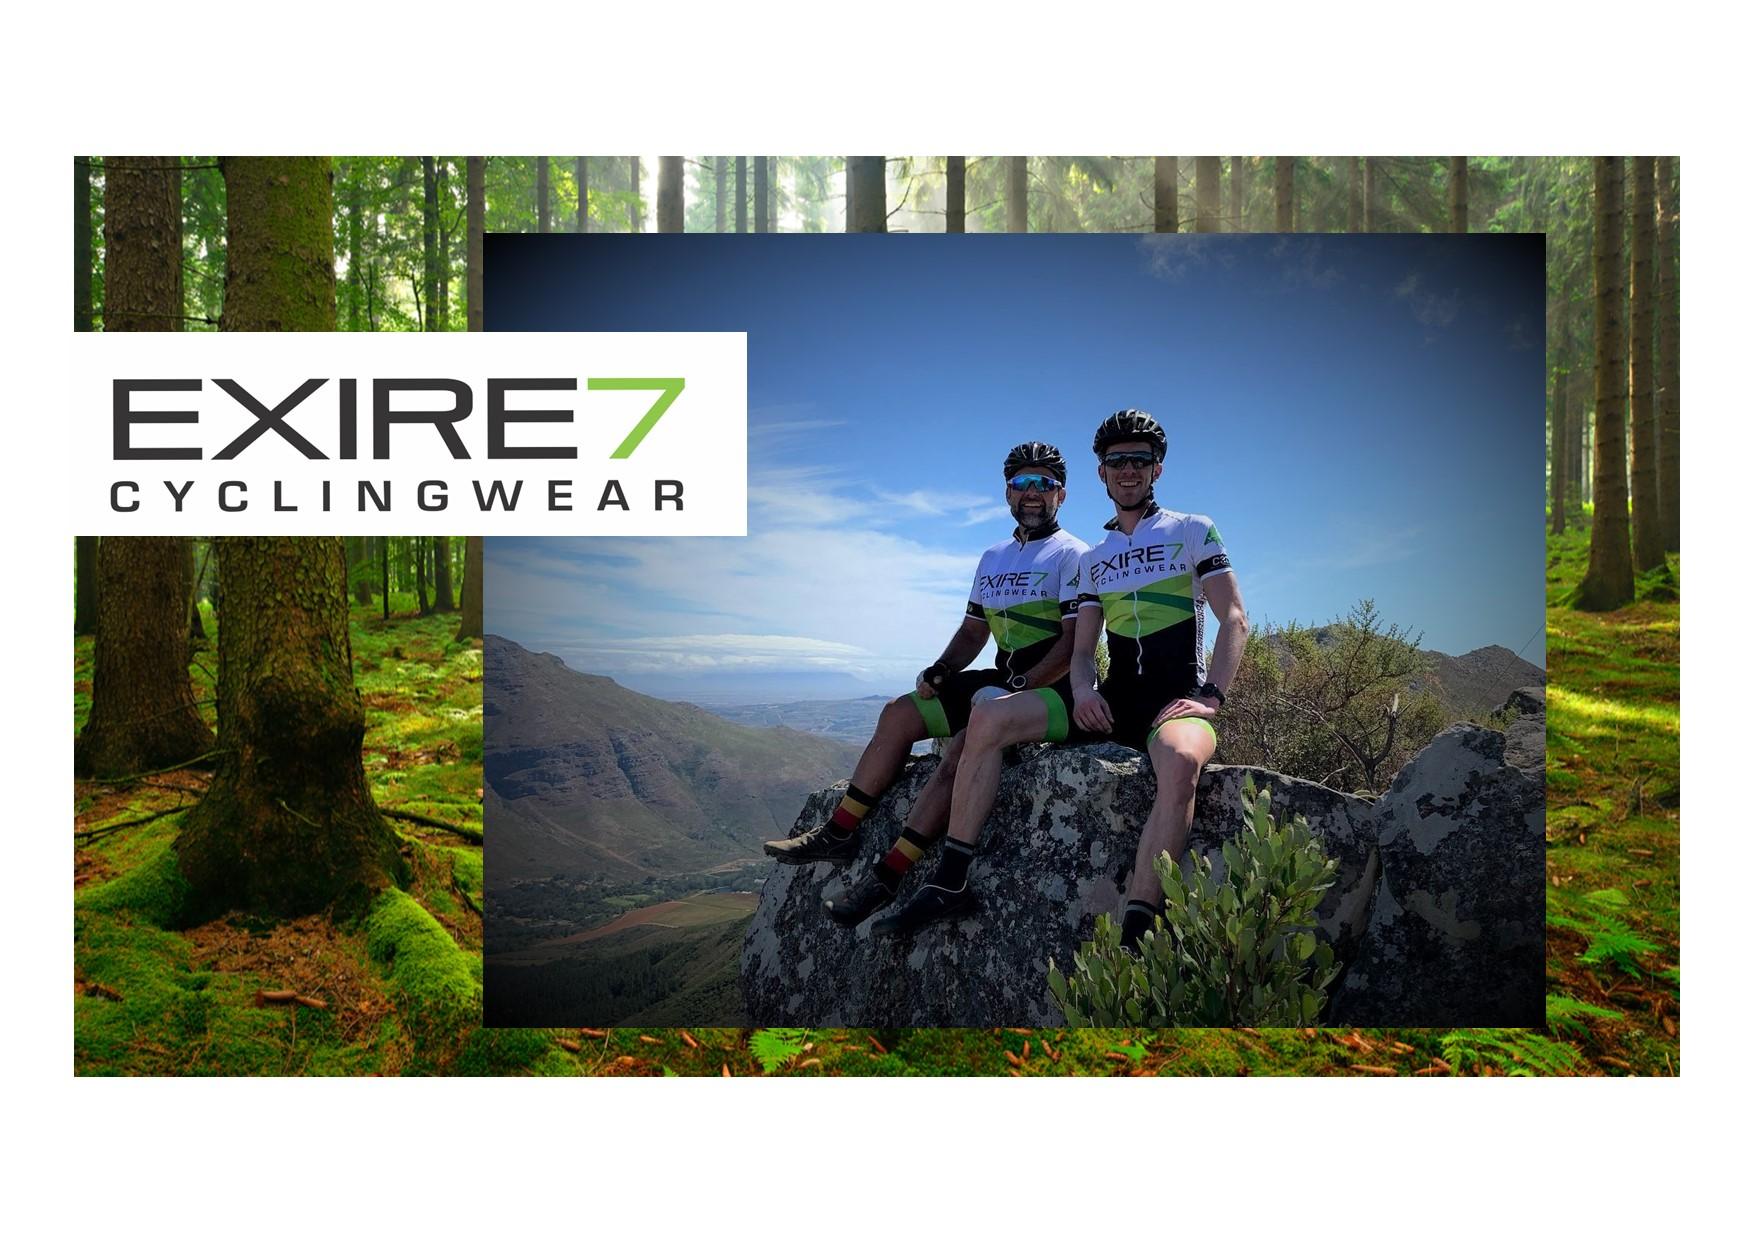 EXIRE7 - cyclingwear